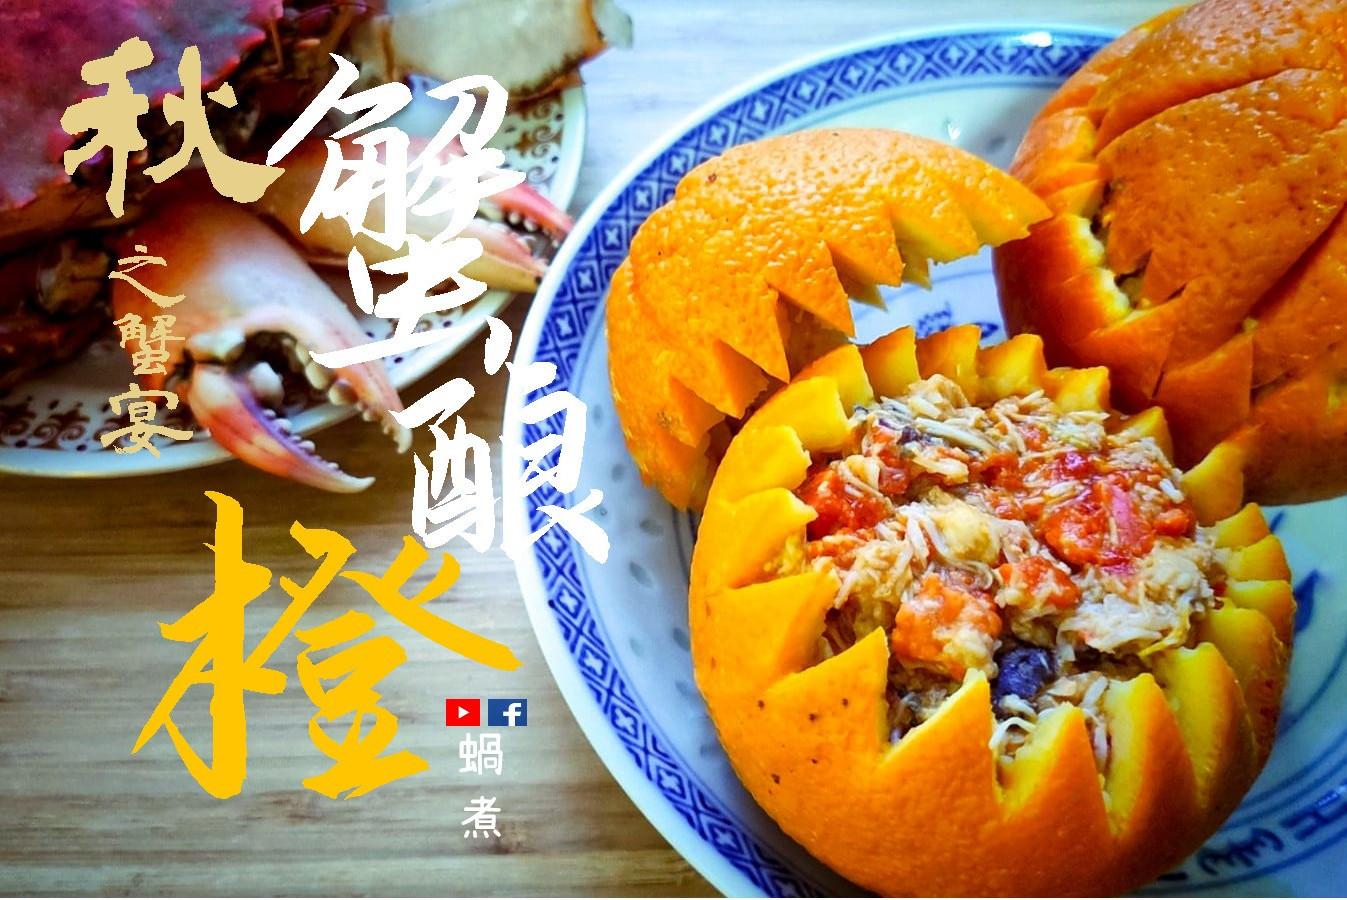 秋之蟹宴: 蟹釀橙 古代宮廷菜 (附影片